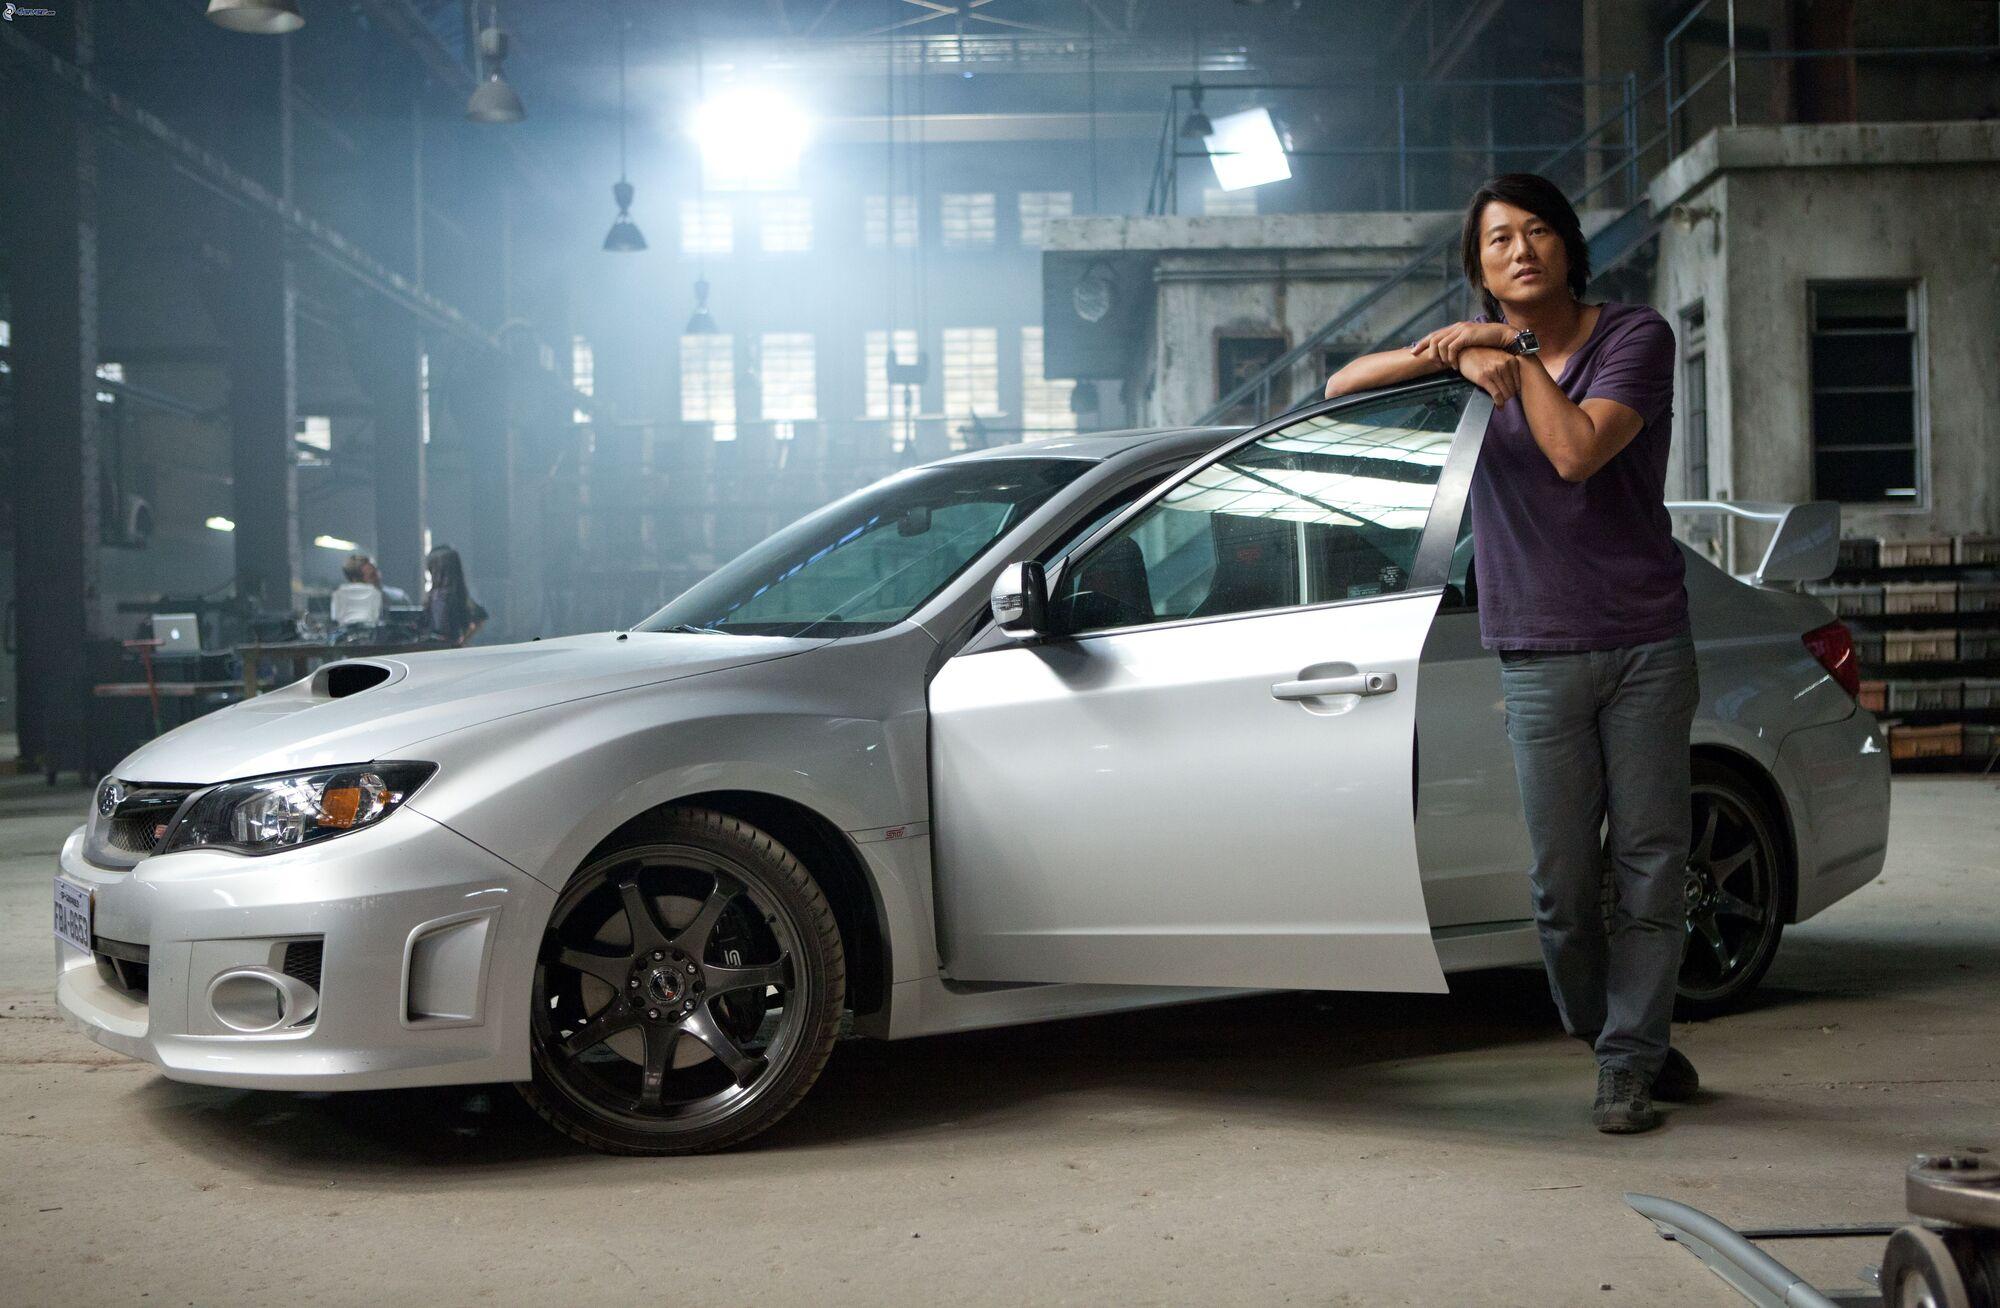 2011 Subaru Impreza WRX STI | The Fast And The Furious Wiki | FANDOM  Powered By Wikia